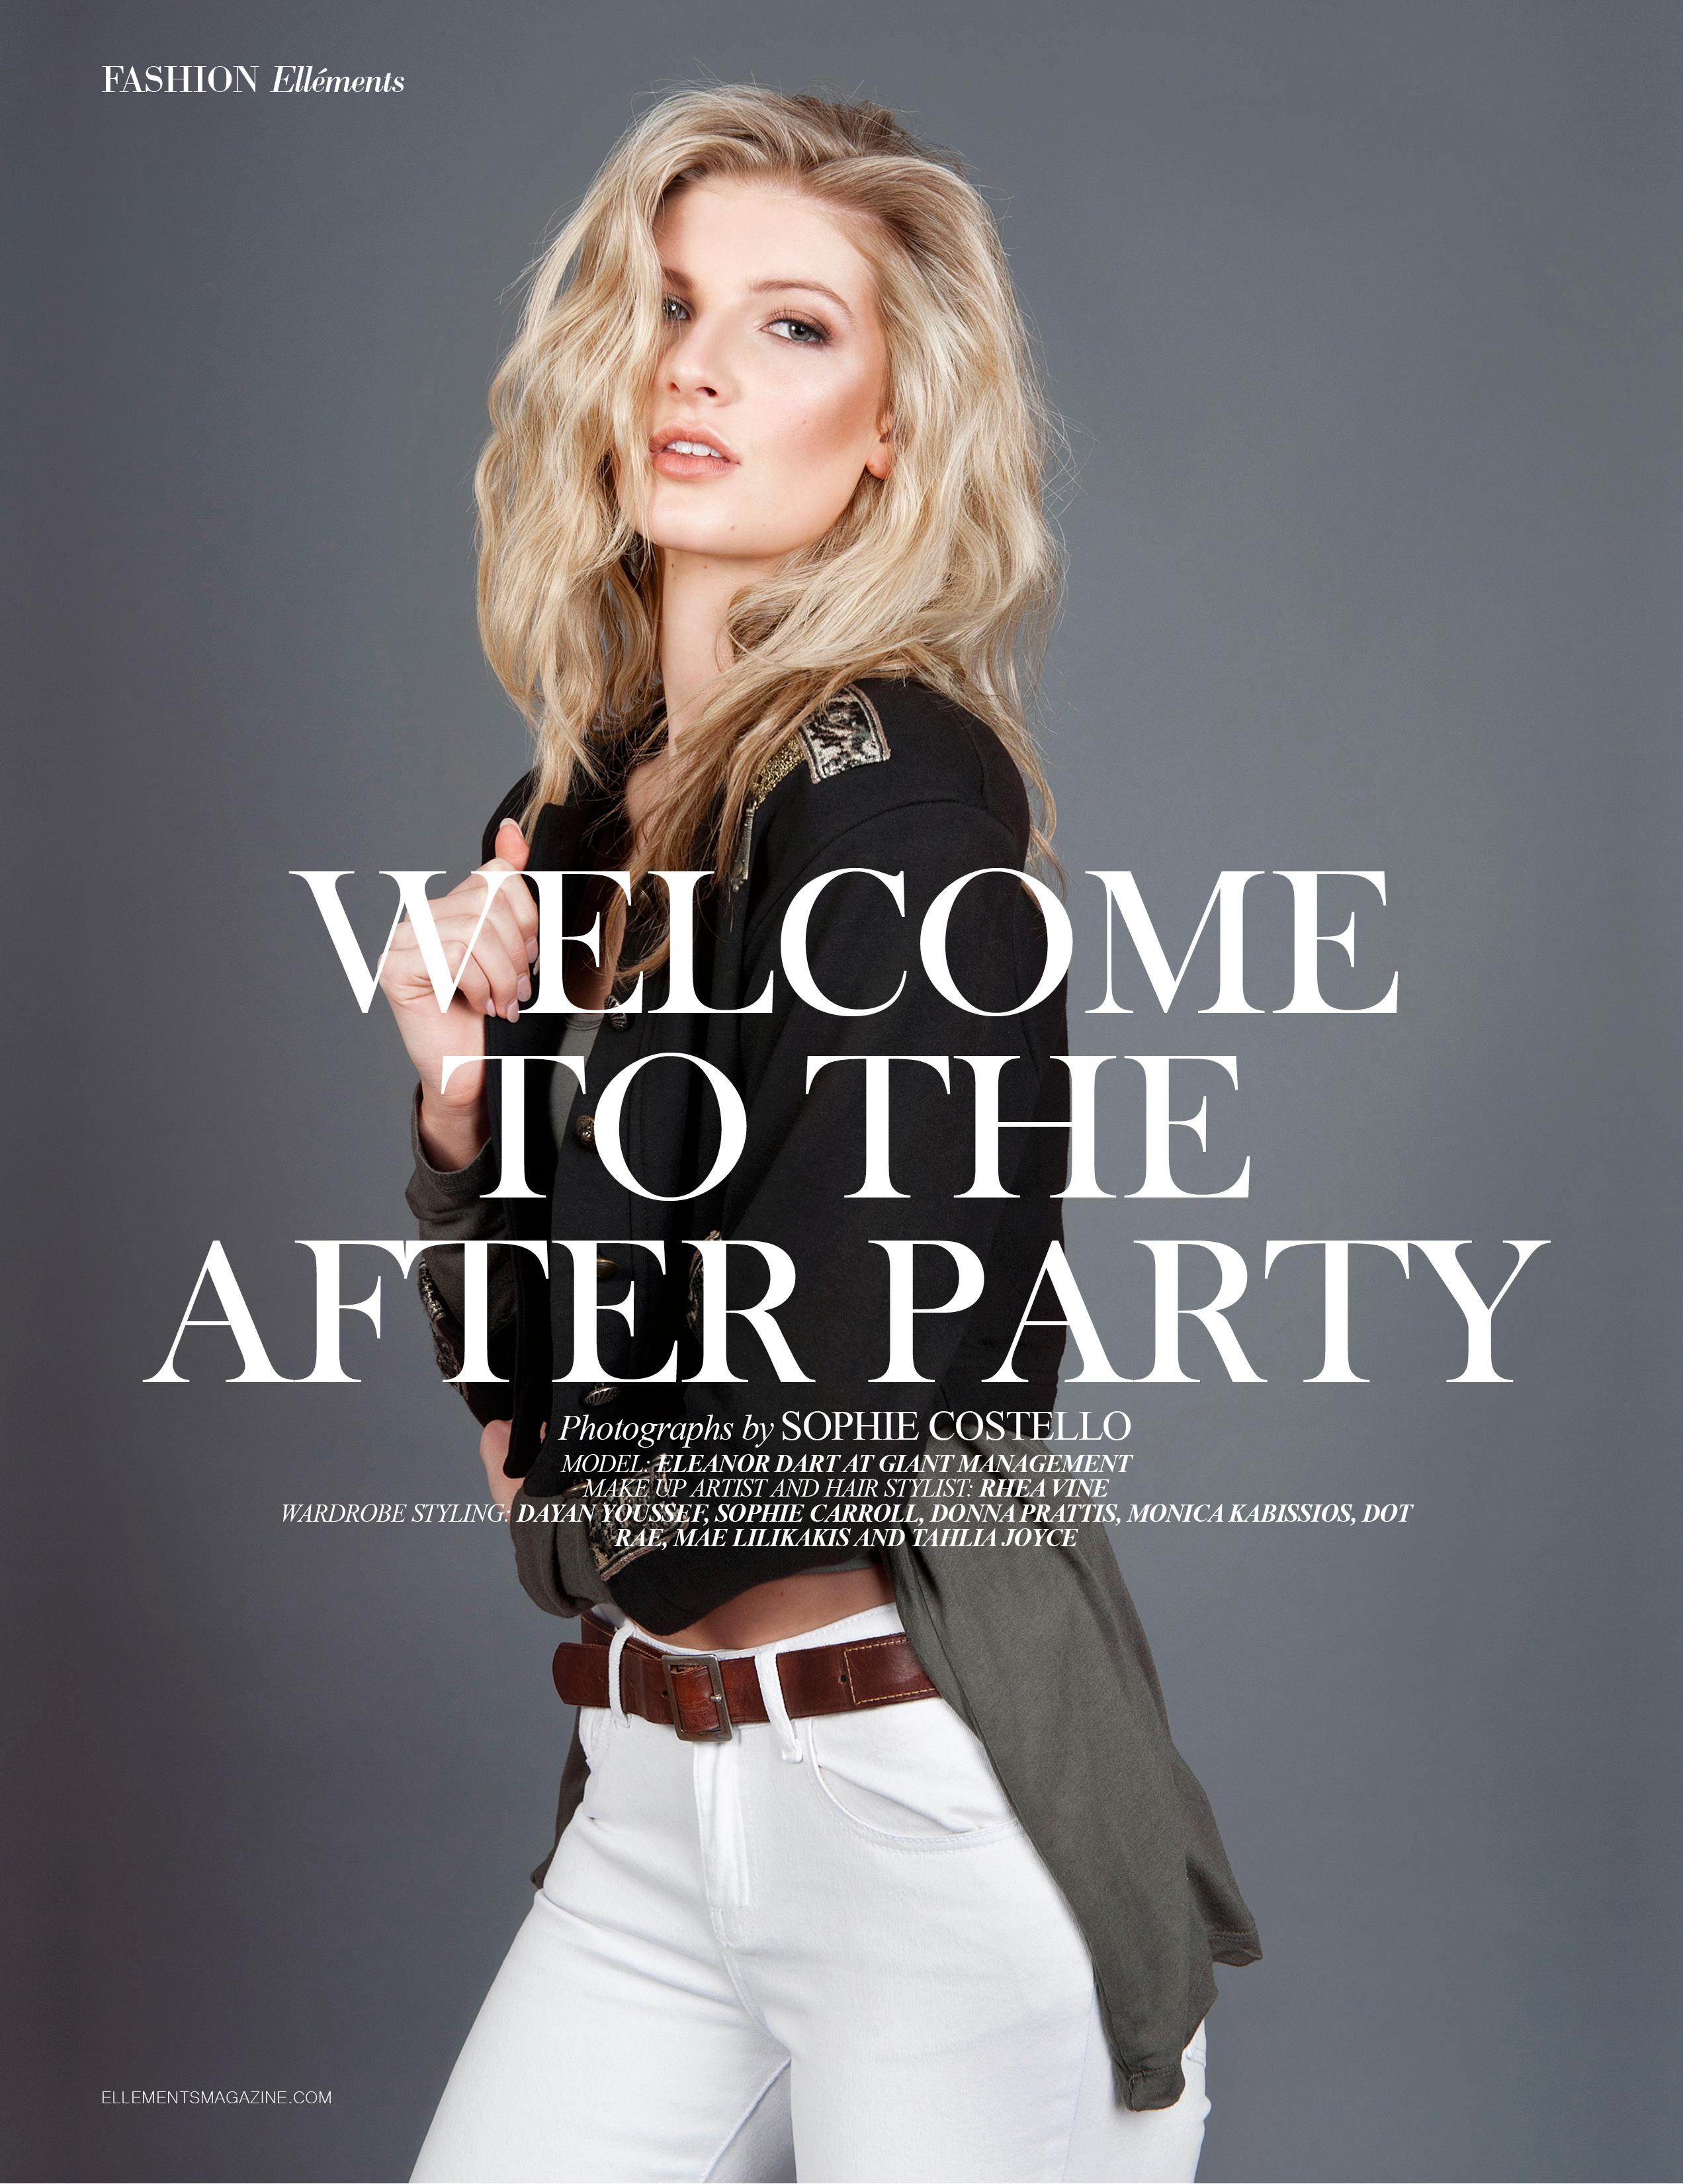 Ellements Magazine November 2015